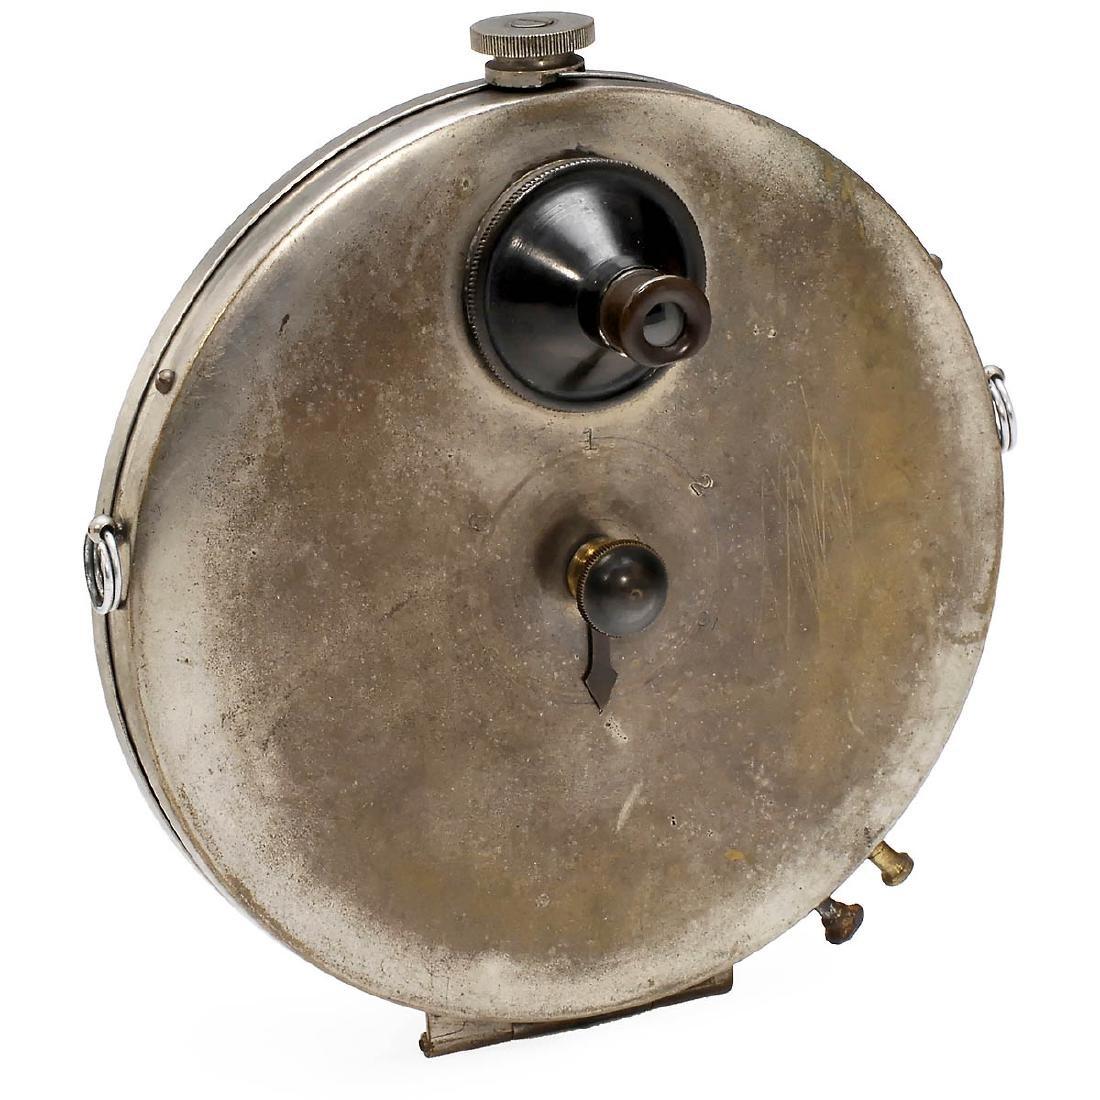 Stirn's Concealed Vest Camera No. 1, 1886